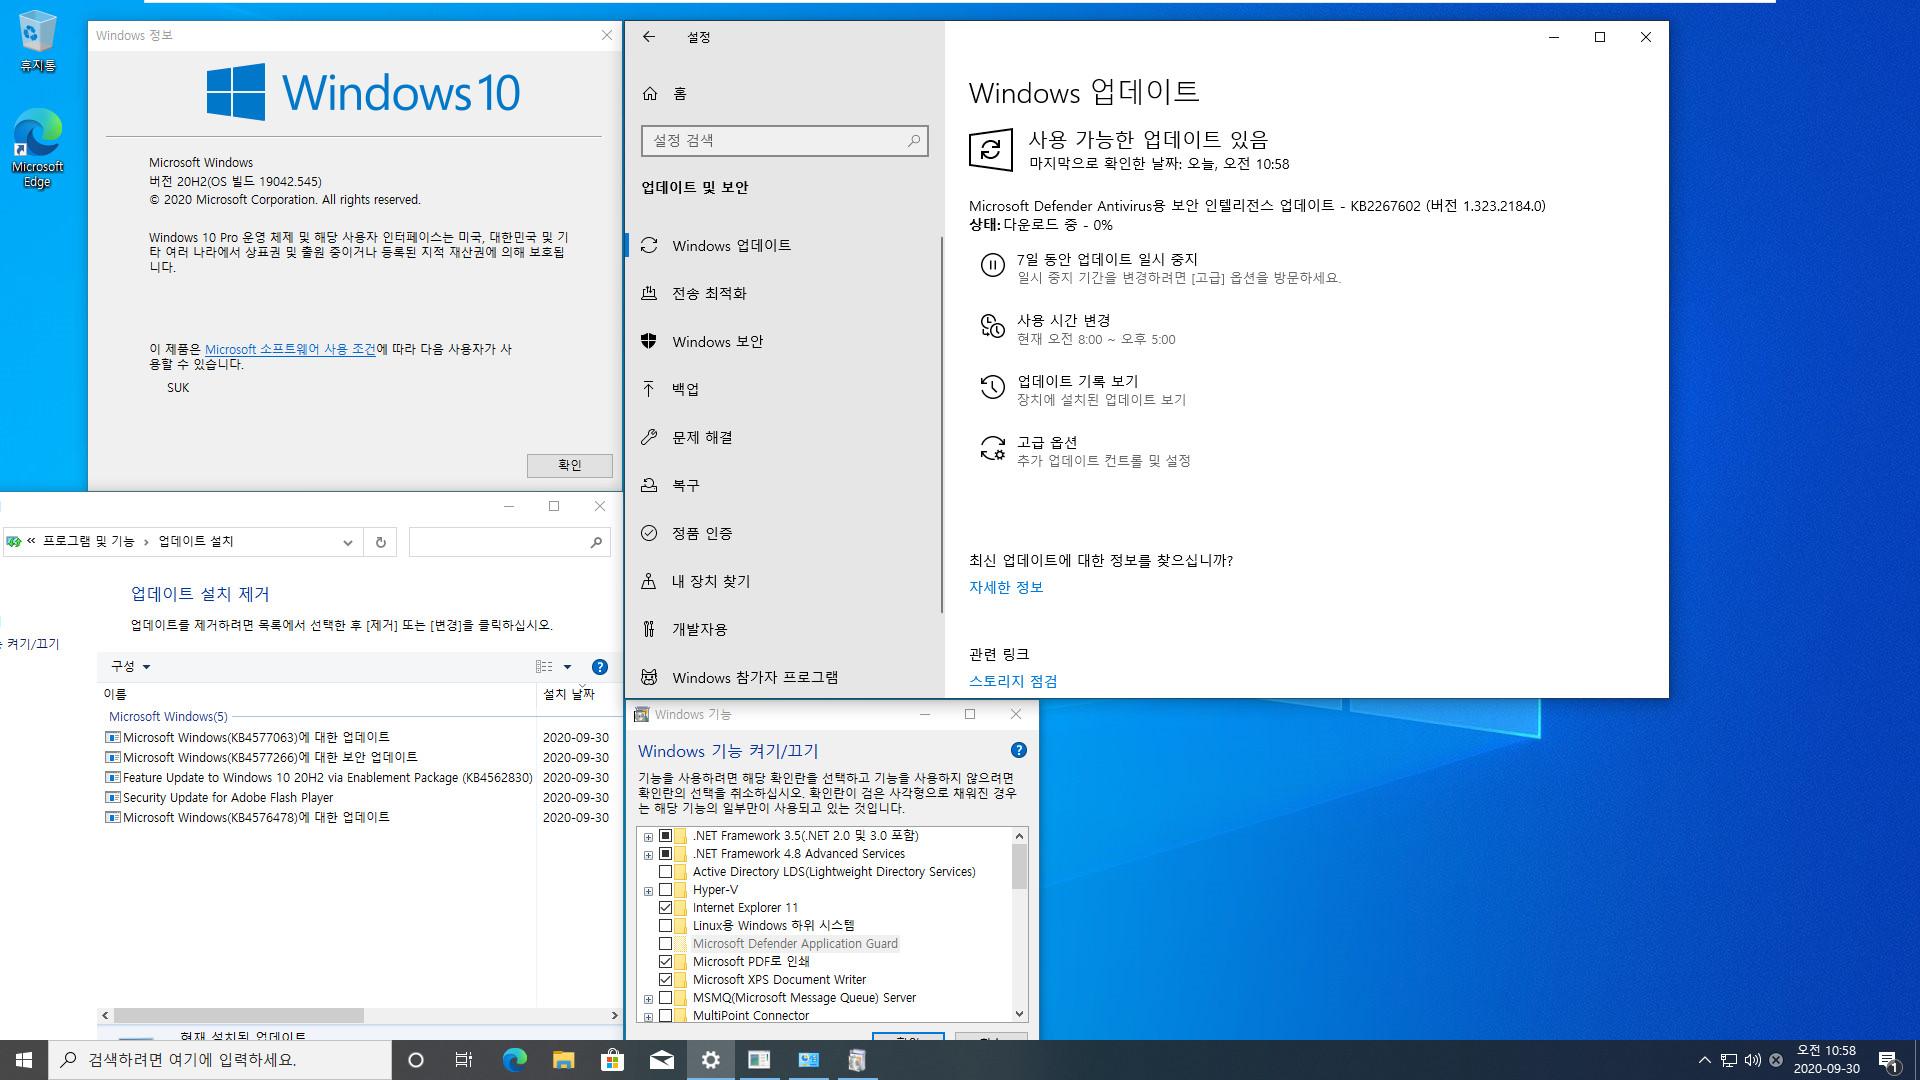 2020-09-30 업데이트 통합 PRO x64 2개 - Windows 10 버전 2004 + 버전 20H2 누적 업데이트 KB4577063 (OS 빌드 19041.545 + 19042.545) - 설치 테스트 2020-09-30_105823.jpg